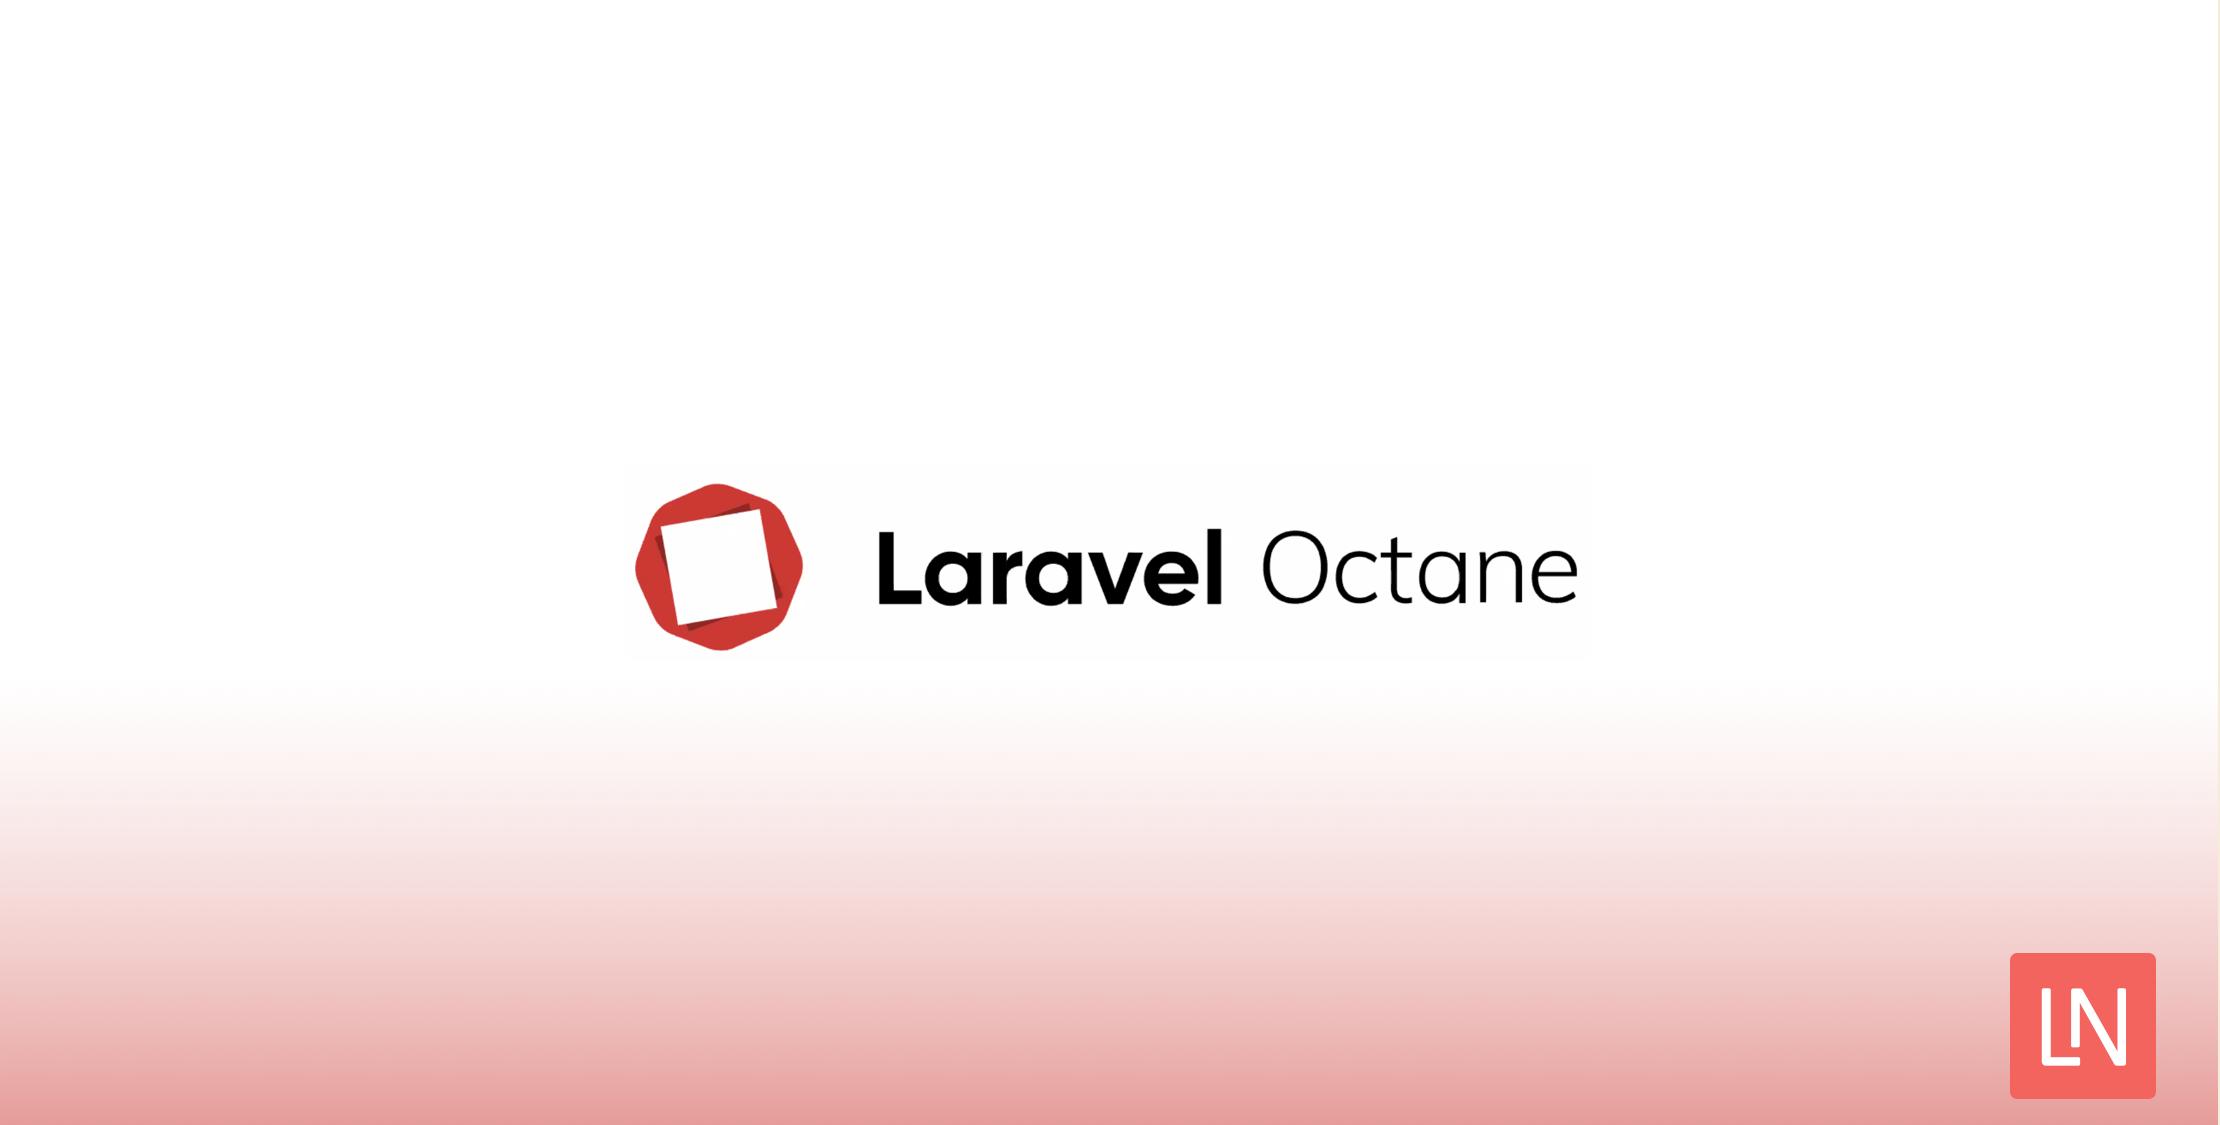 Laravel Octane v1.0 is Here - Post Image